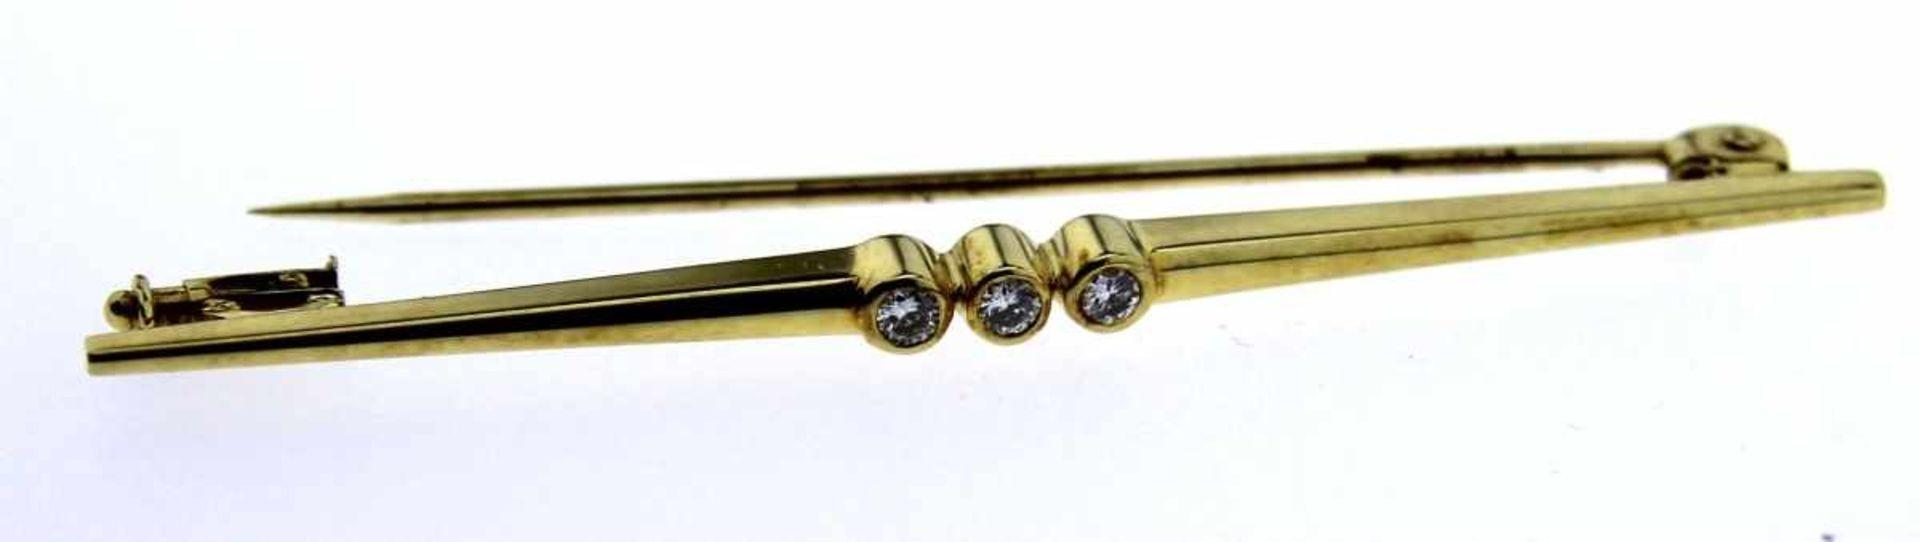 Stabnadel 585 Gold mit 3 Brillanten, NOS Gesamtgewicht ca. 2,9 Gramm, 57 mm lang, 3 Brillanten